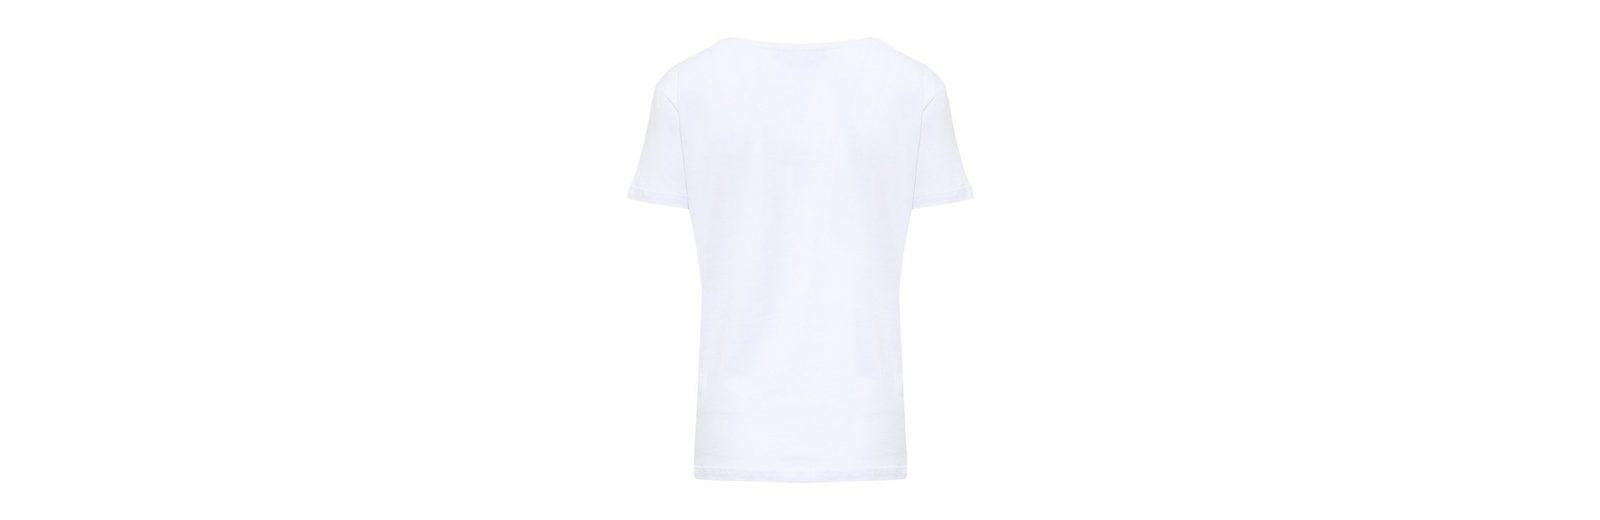 Finn Flare T-Shirt mit Blumendruck Verkauf Truhe Bilder Rabatt Sast Günstiges Shop-Angebot Empfehlen Günstigen Preis Um Zu Verkaufen dI6L8